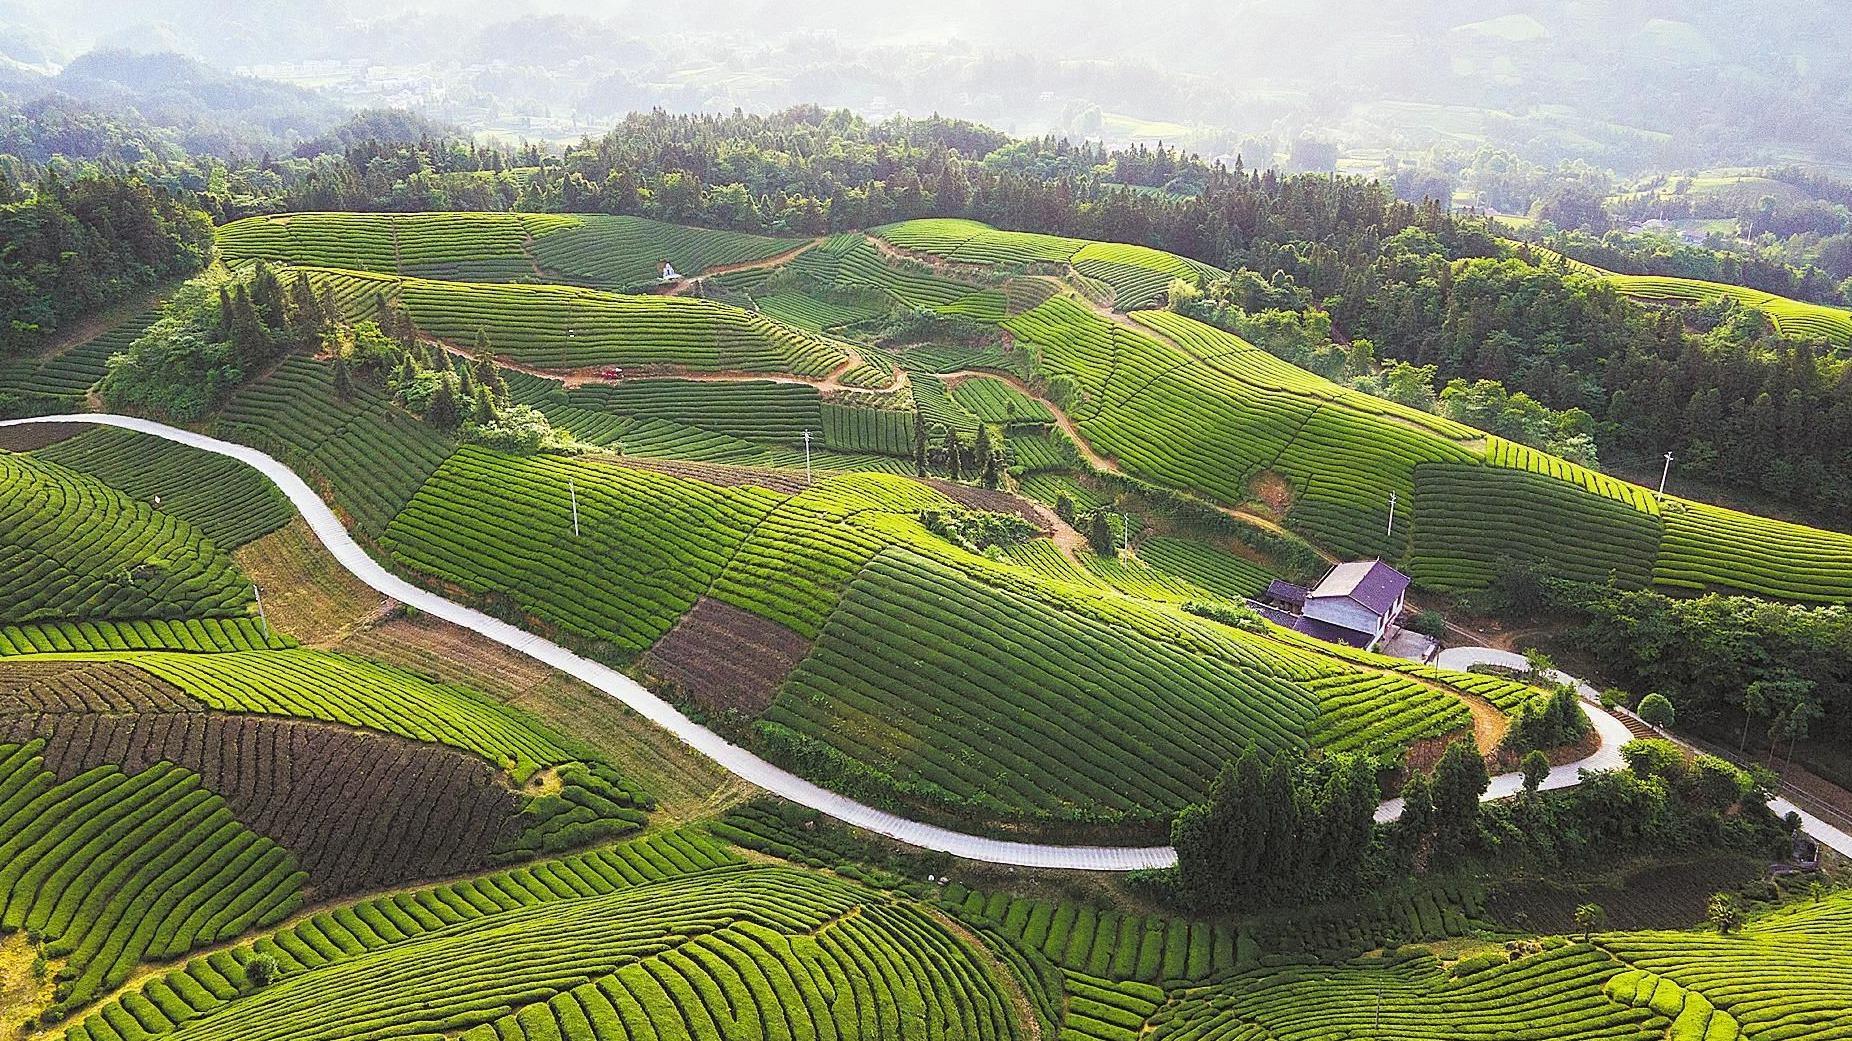 鶴峰:滿山紅 漫山綠